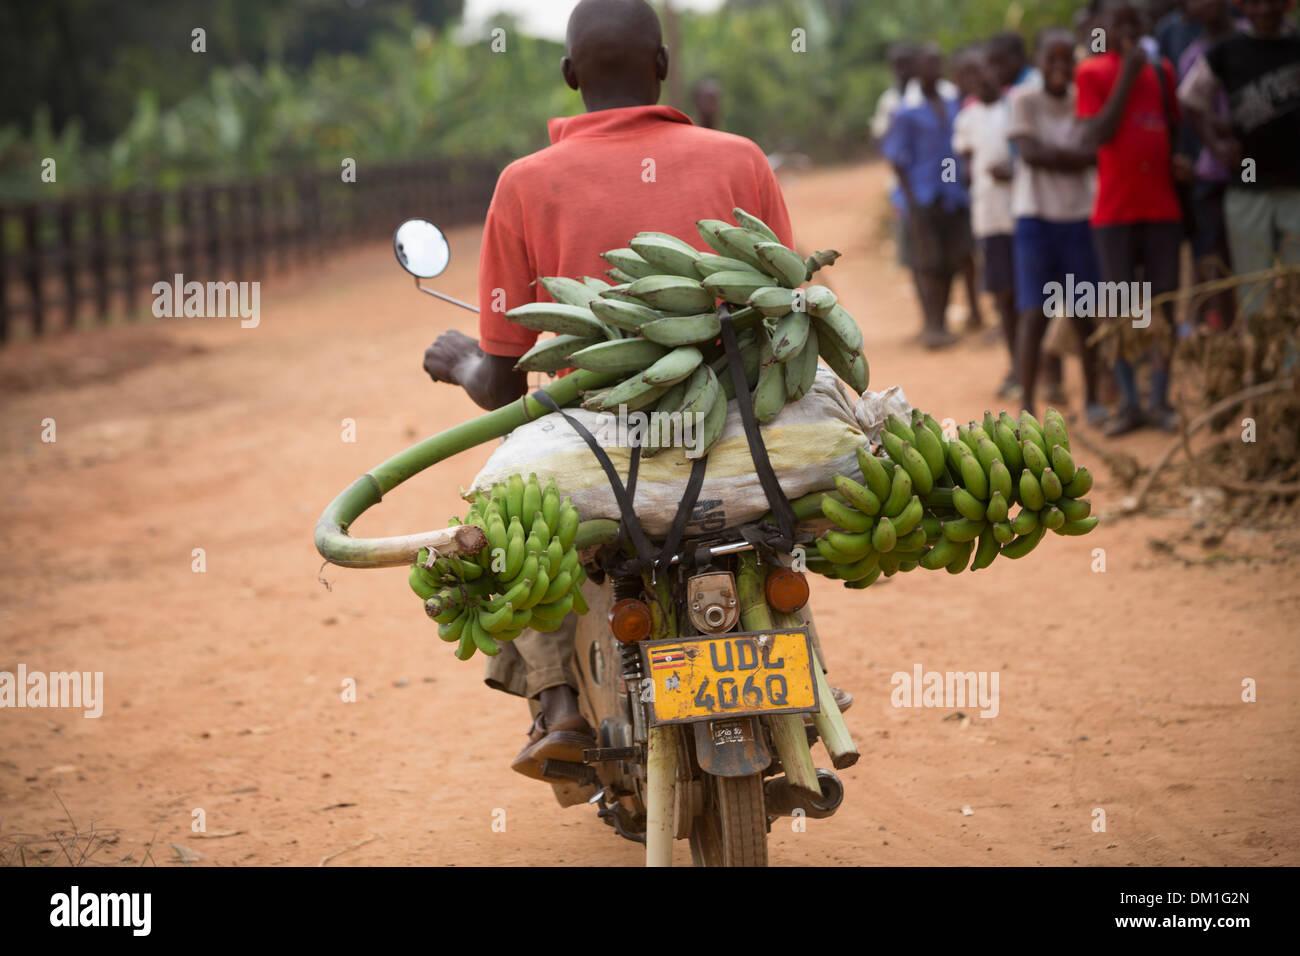 Los plátanos en la parte trasera de una motocicleta cerca de Kampala, en Uganda. Imagen De Stock